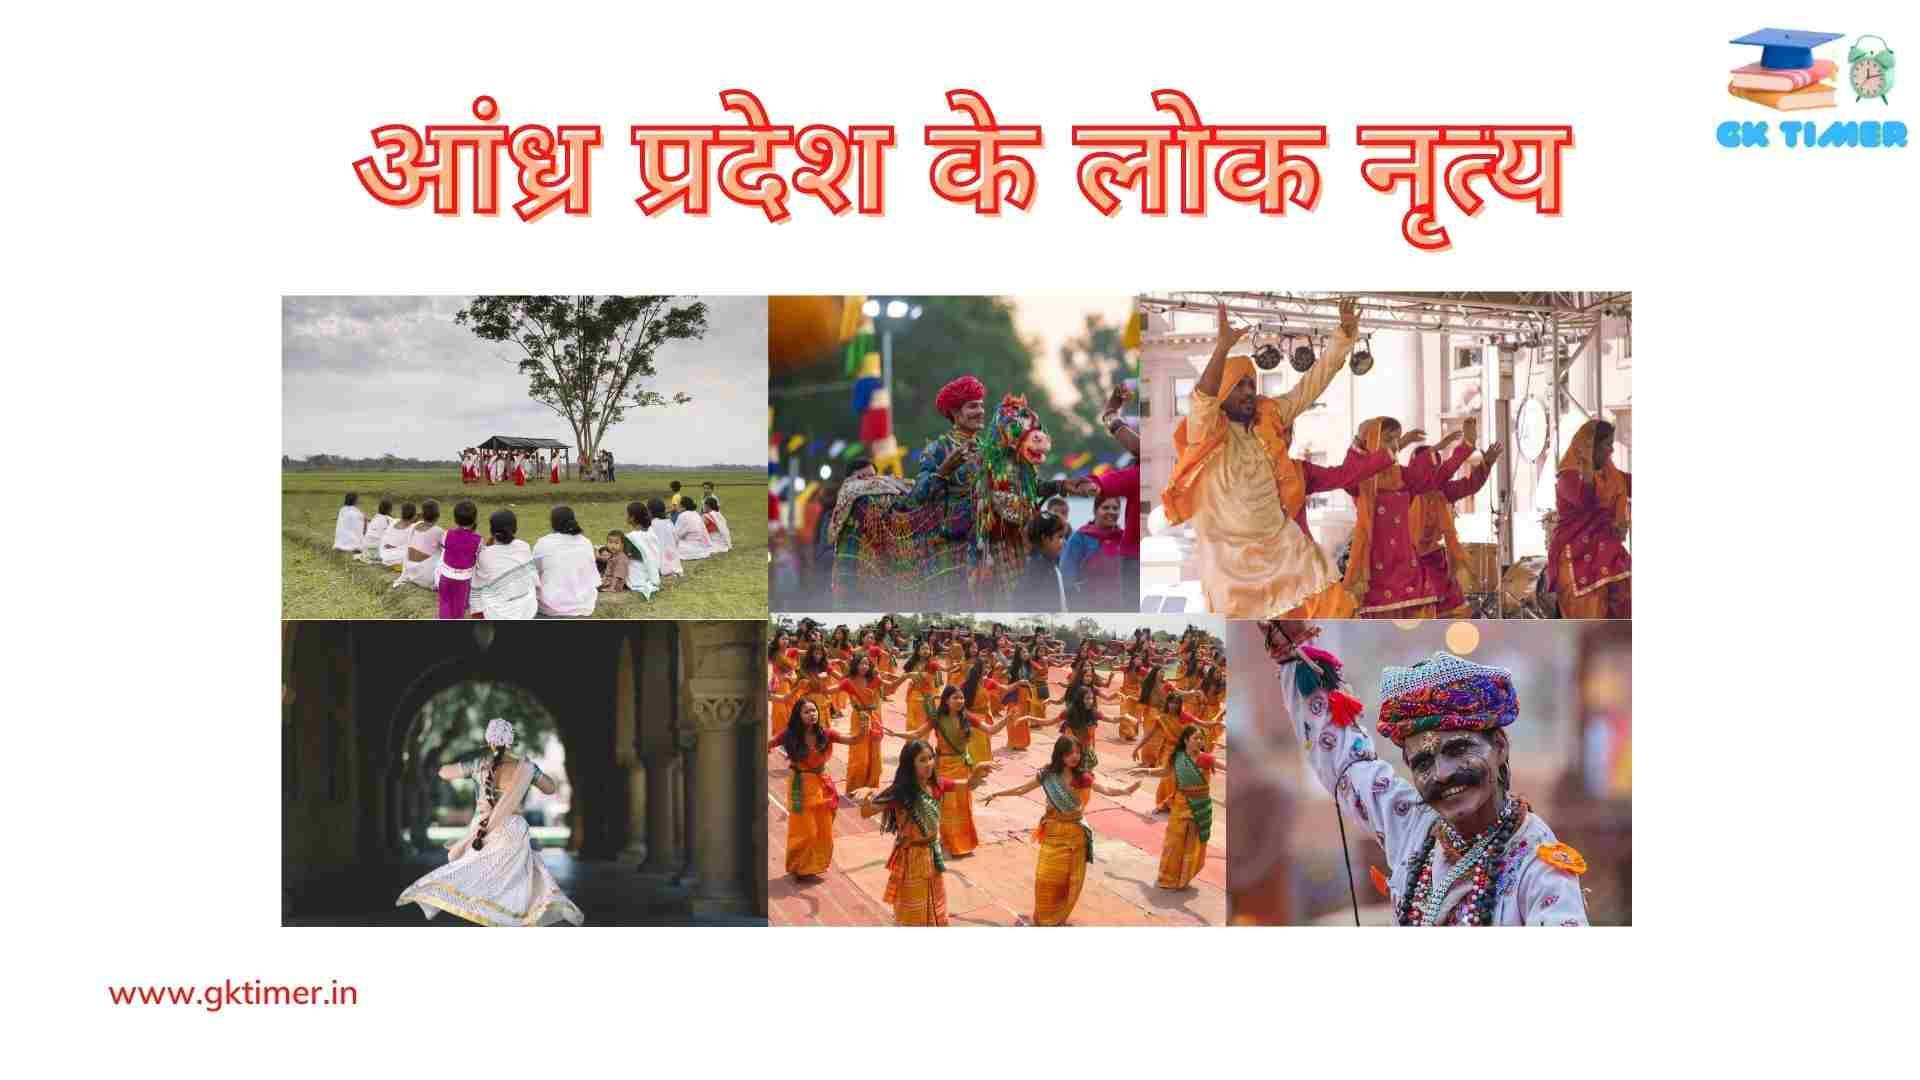 आंध्र प्रदेश के लोकप्रिय लोक नृत्य(कुचिपुड़ी , आंध्र नाट्यम, वीरनाट्यम)    Traditional folk dances of Andhra Pradesh in Hindi